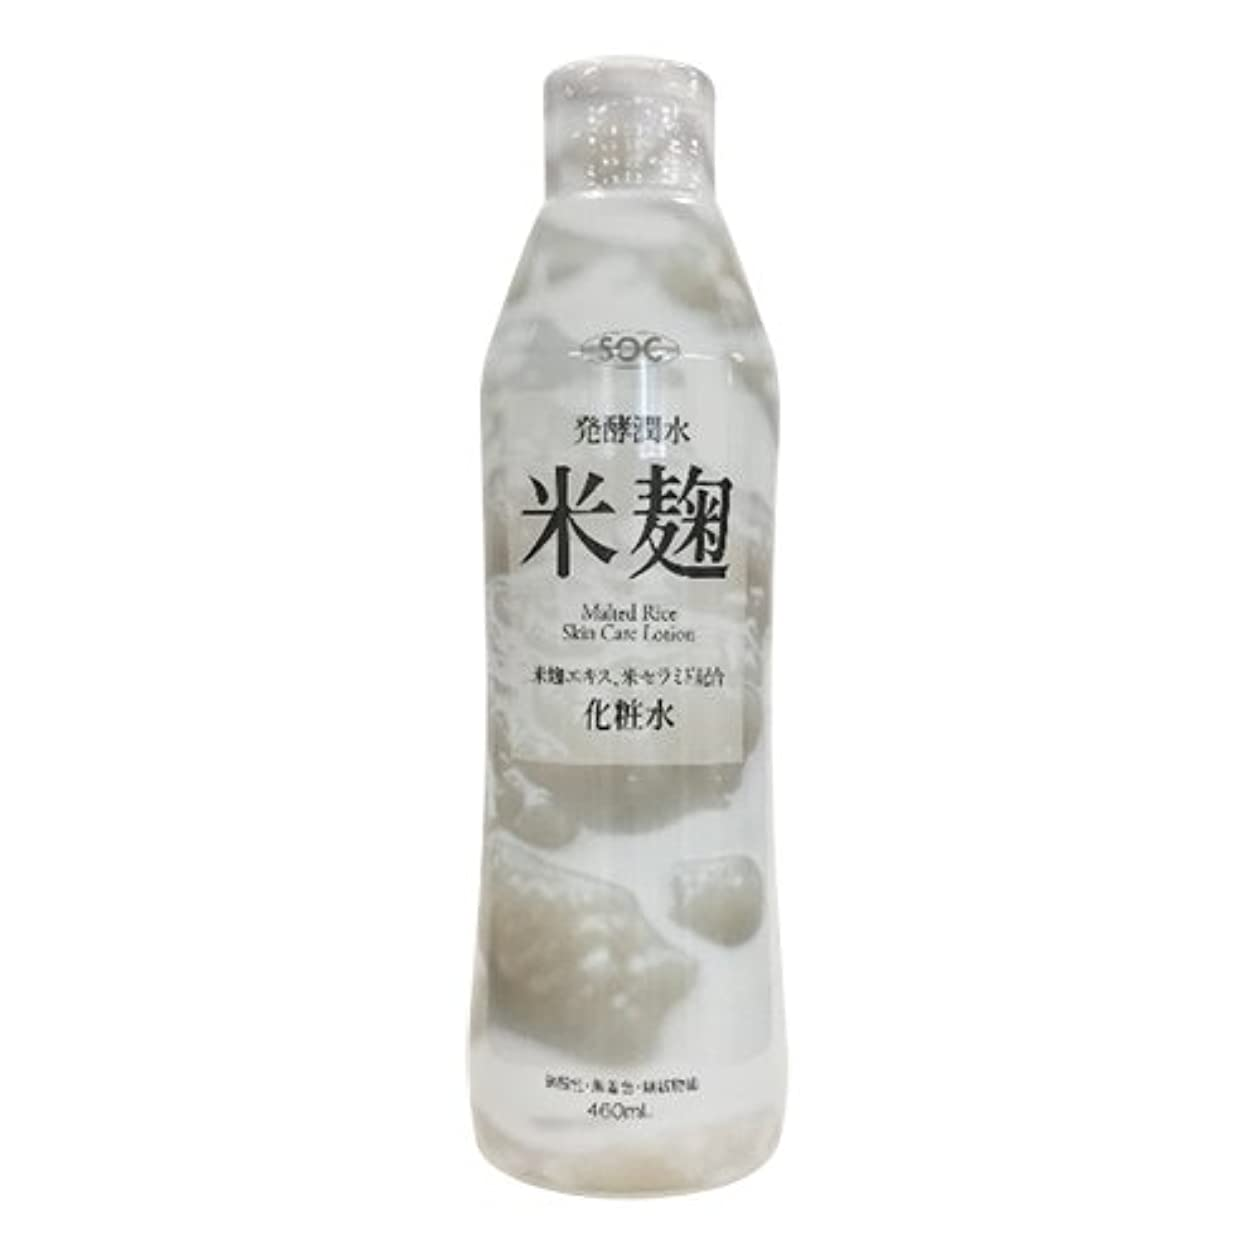 ファイバ過剰マージSOC 米麹配合化粧水 (460mL)